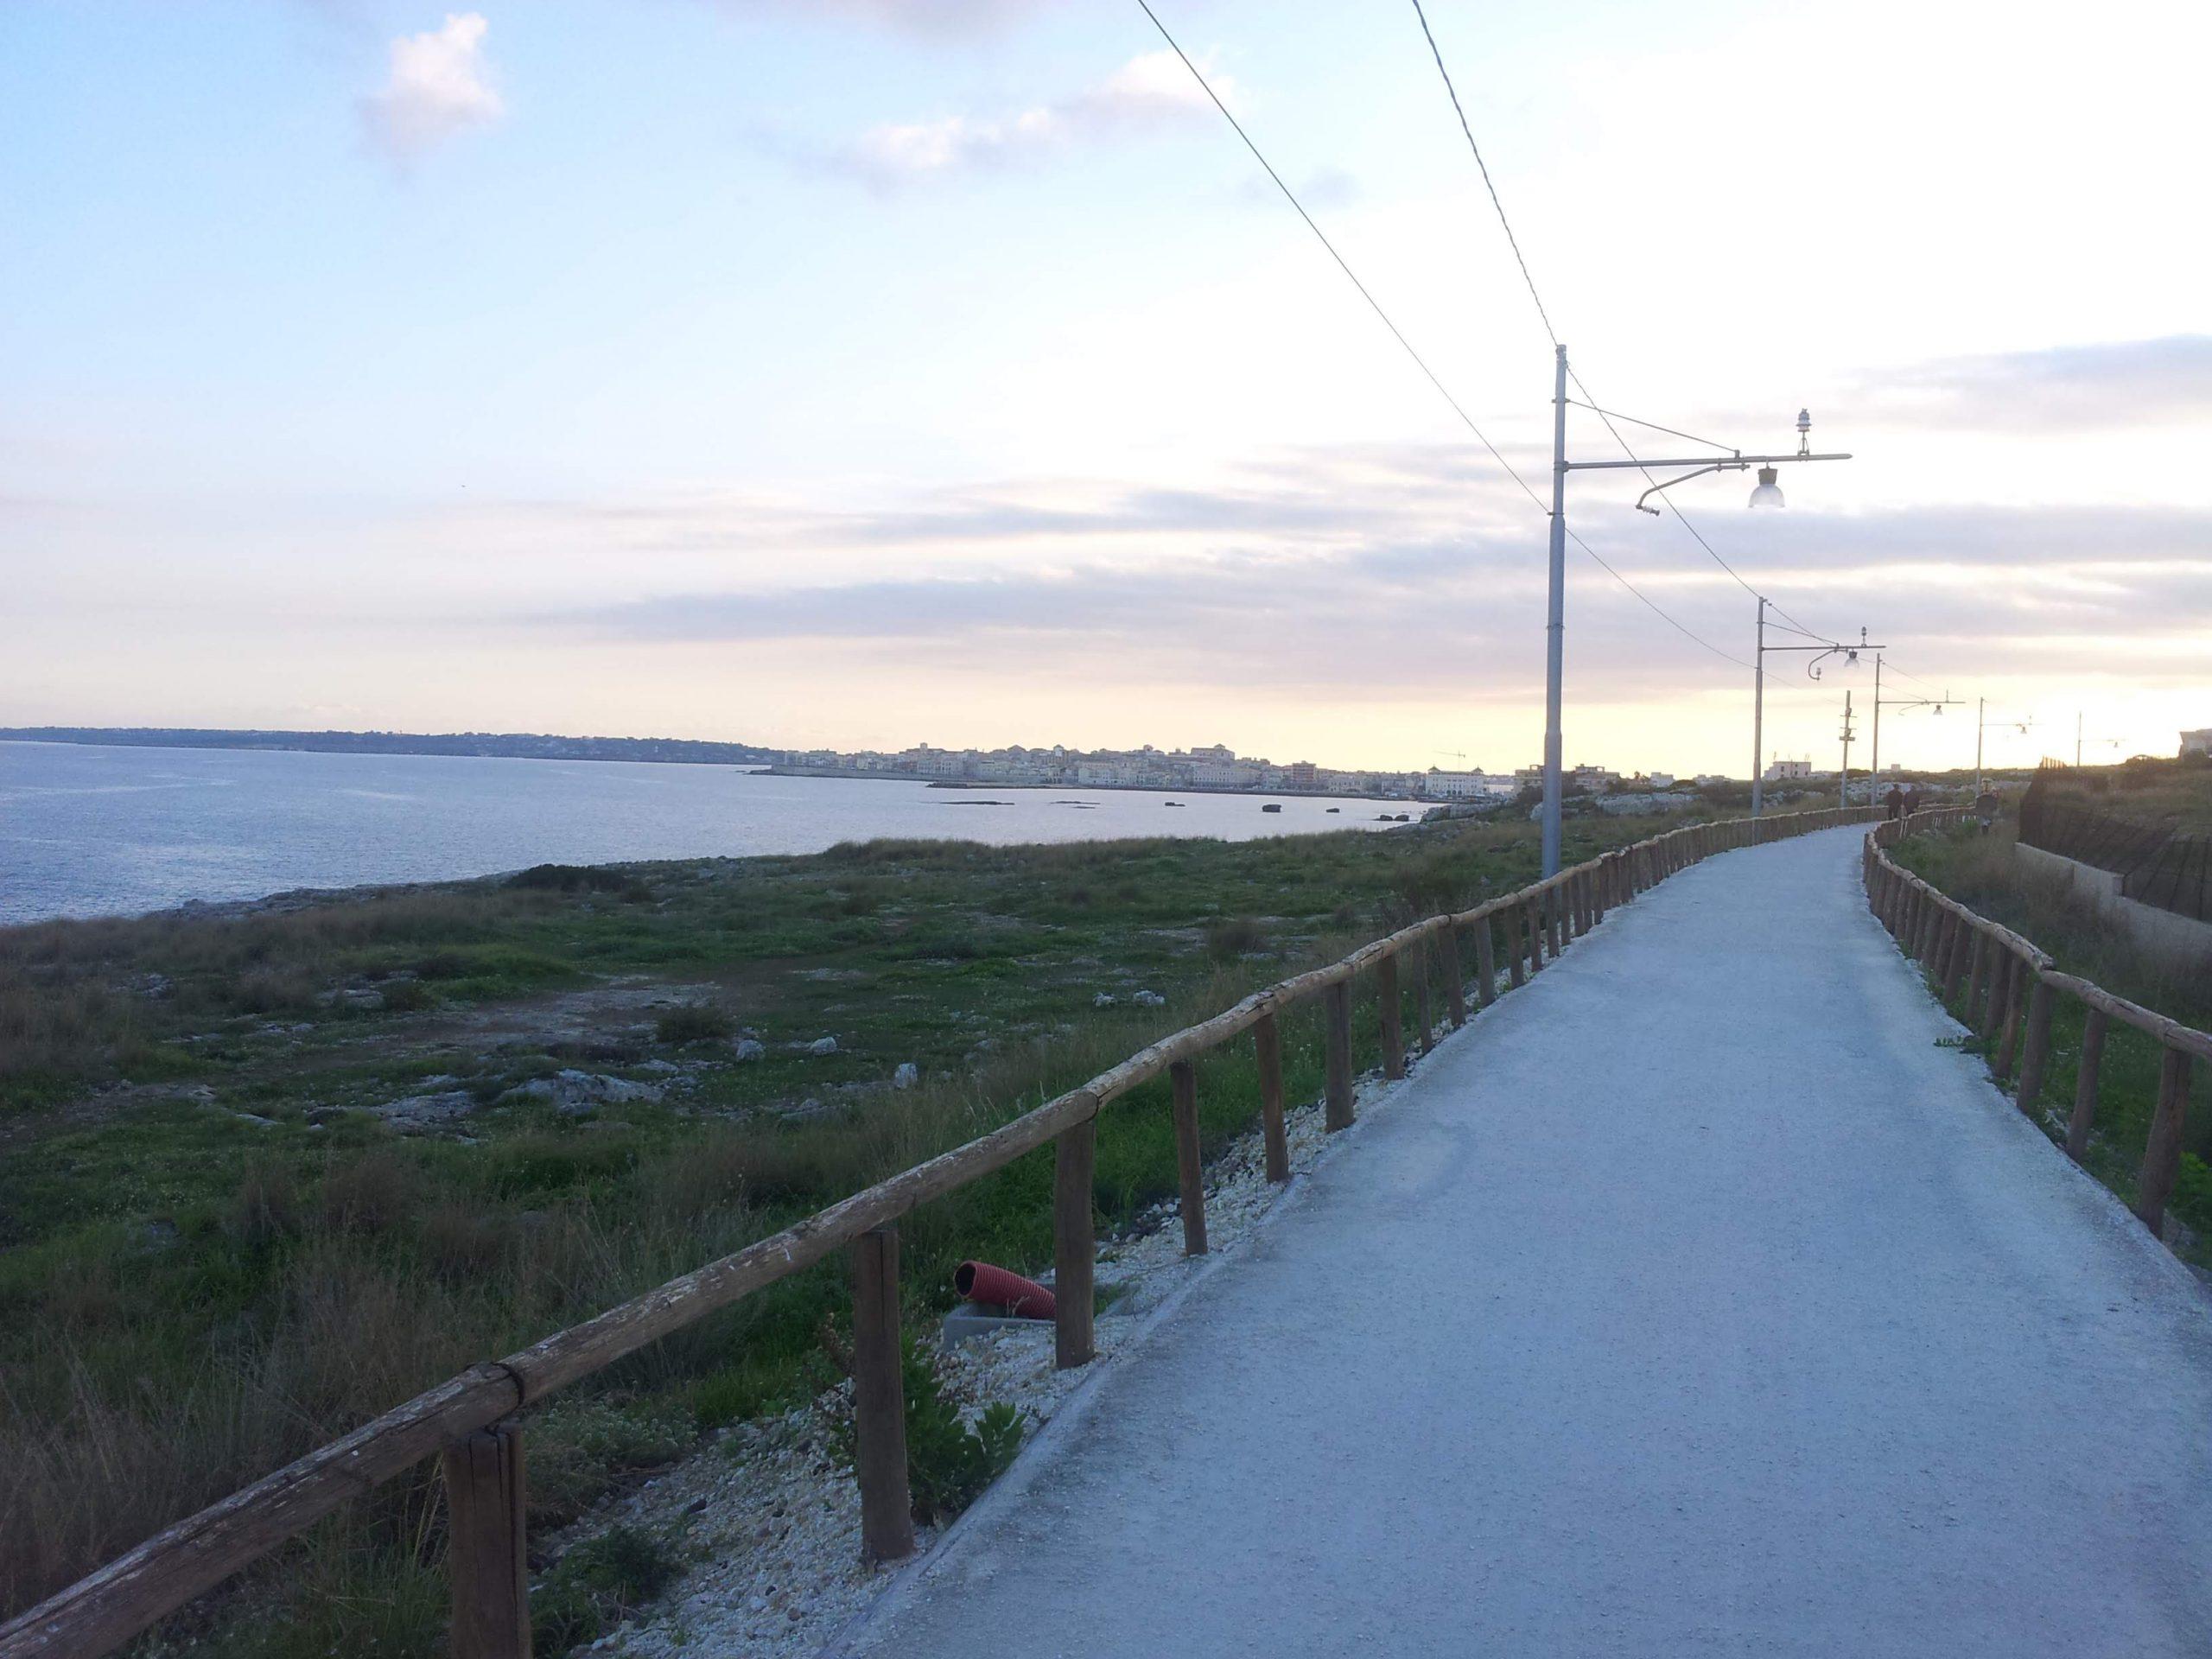 percorso sterrato della pista ciclabile Siracusa con vista mare